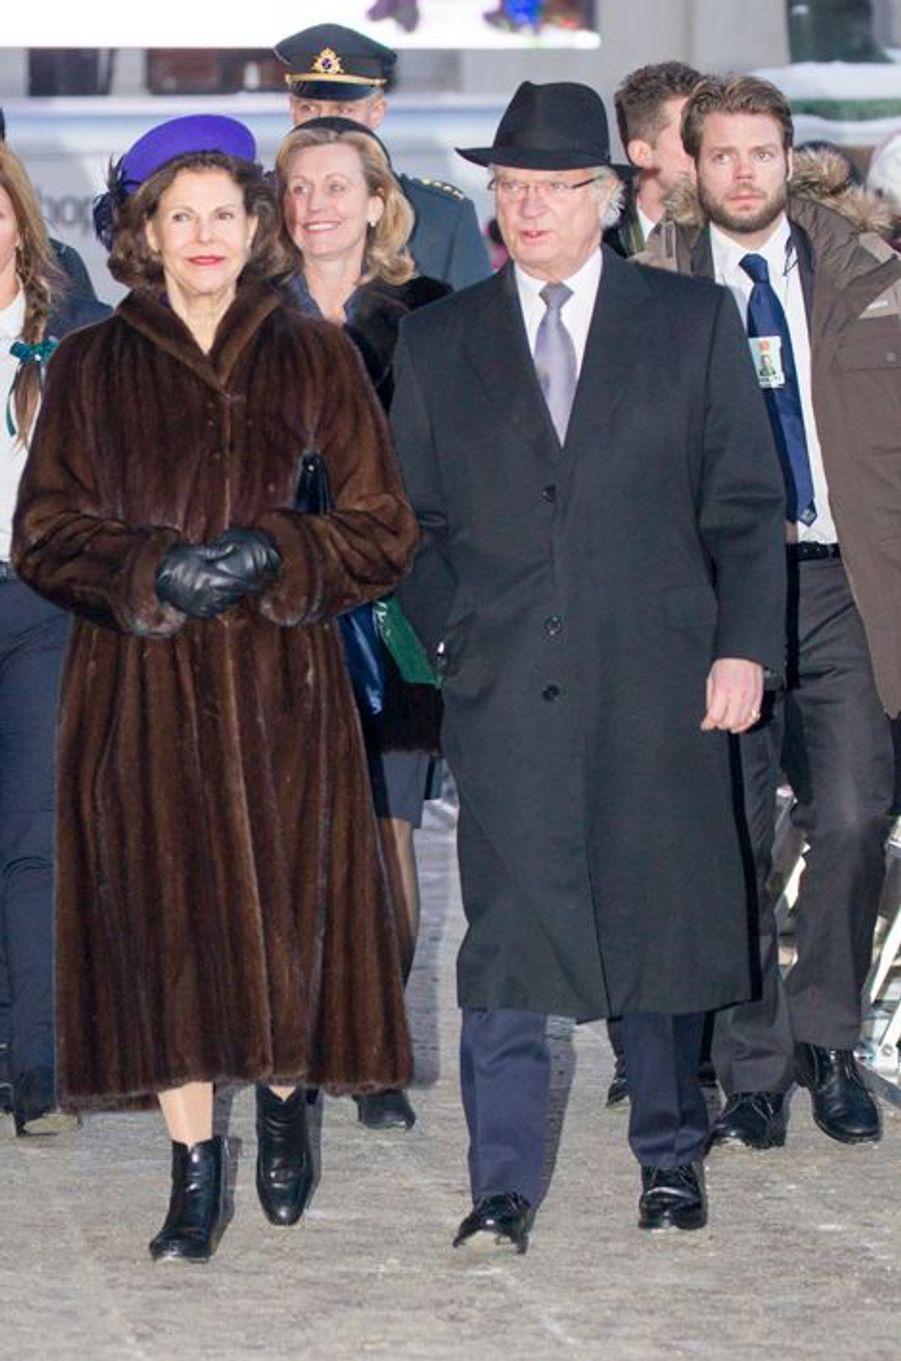 La reine Silvia et le roi Carl XVI Gustaf de Suède à Oslo, le 17 janvier 2016